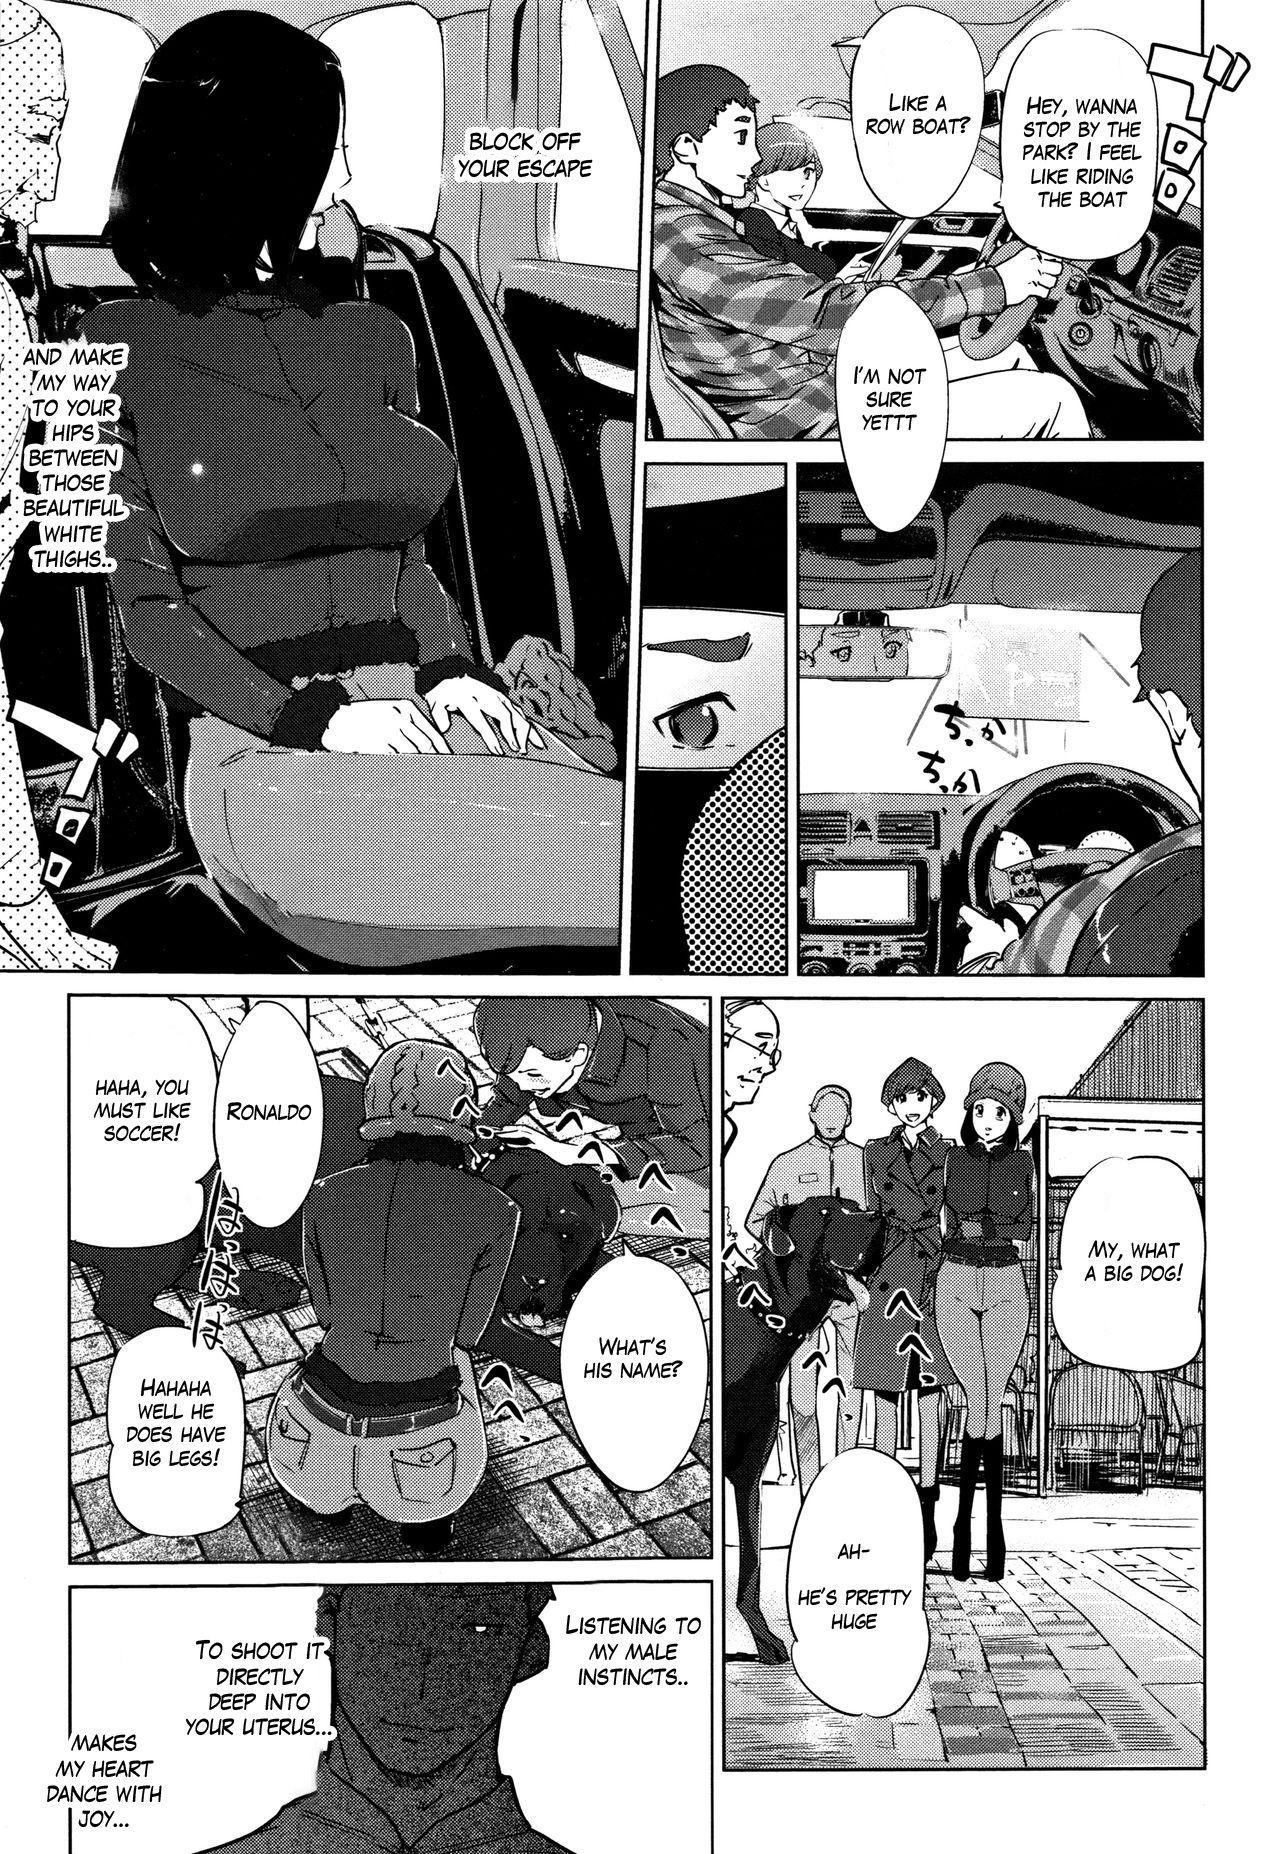 [Clone Ningen] Shinjuiro no Zanzou ~Kazoku ga Neshizumatta Ato de~ Ch. 6 [English] 16